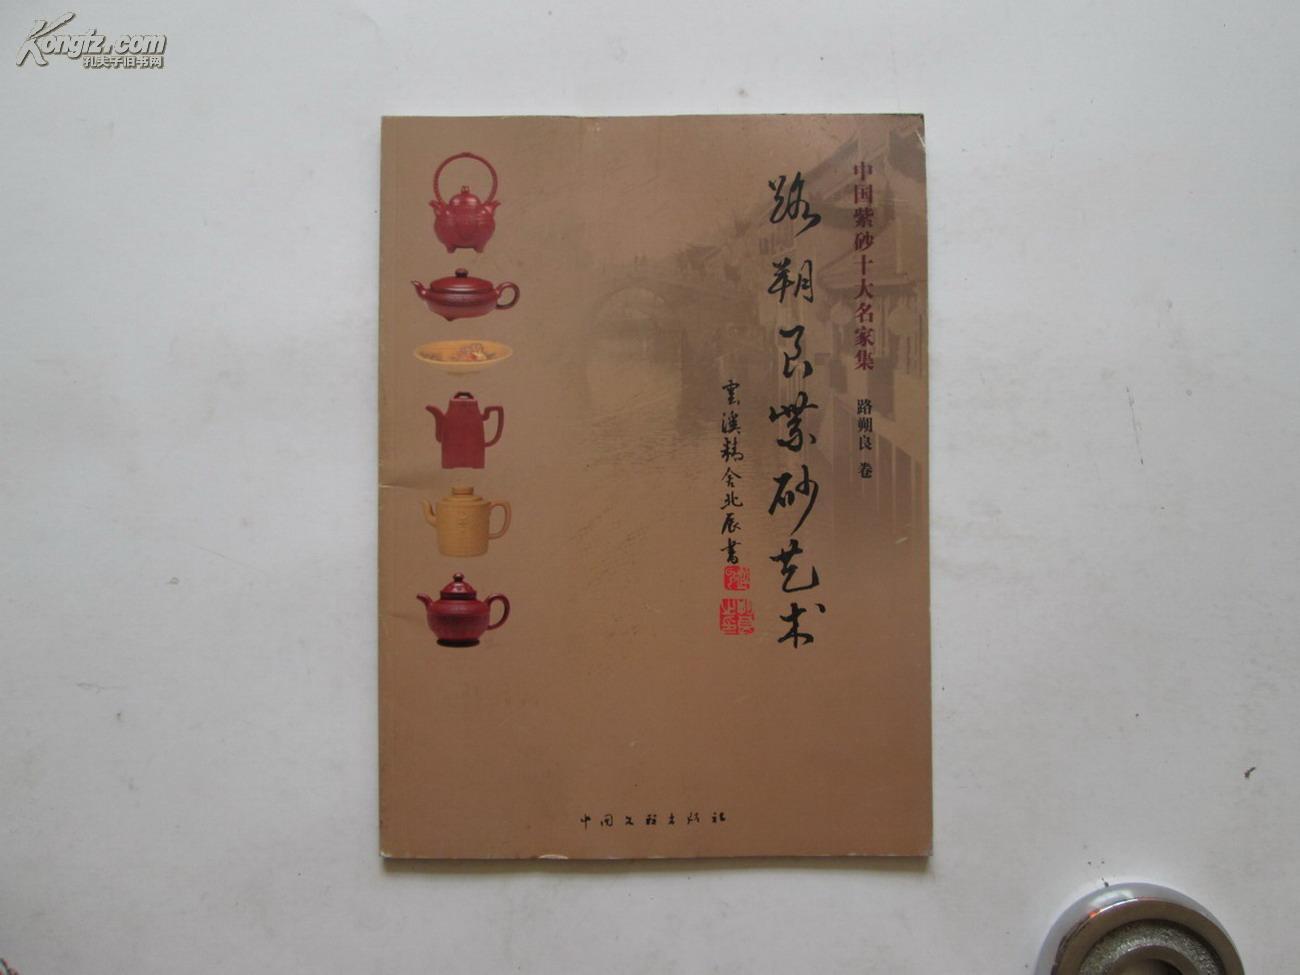 中国紫砂十大名家集---路朔良卷 详情见书影图片